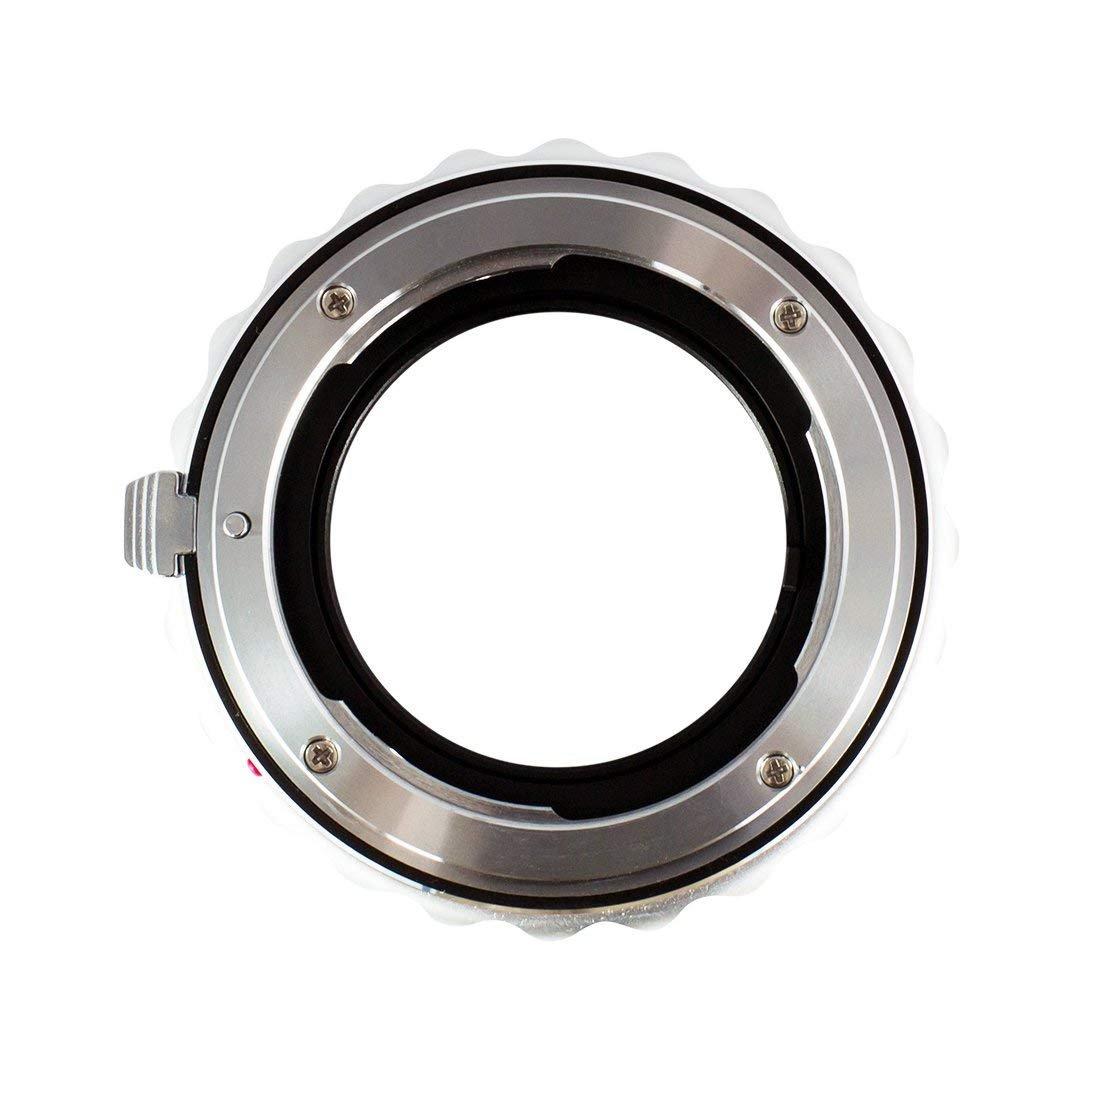 et Les bo/îtiers Fujifilm de Gamme X QBM Bague dadaptation pour objectifs : Compatible avec Les dobjectifs Rollei SL35 Gobe